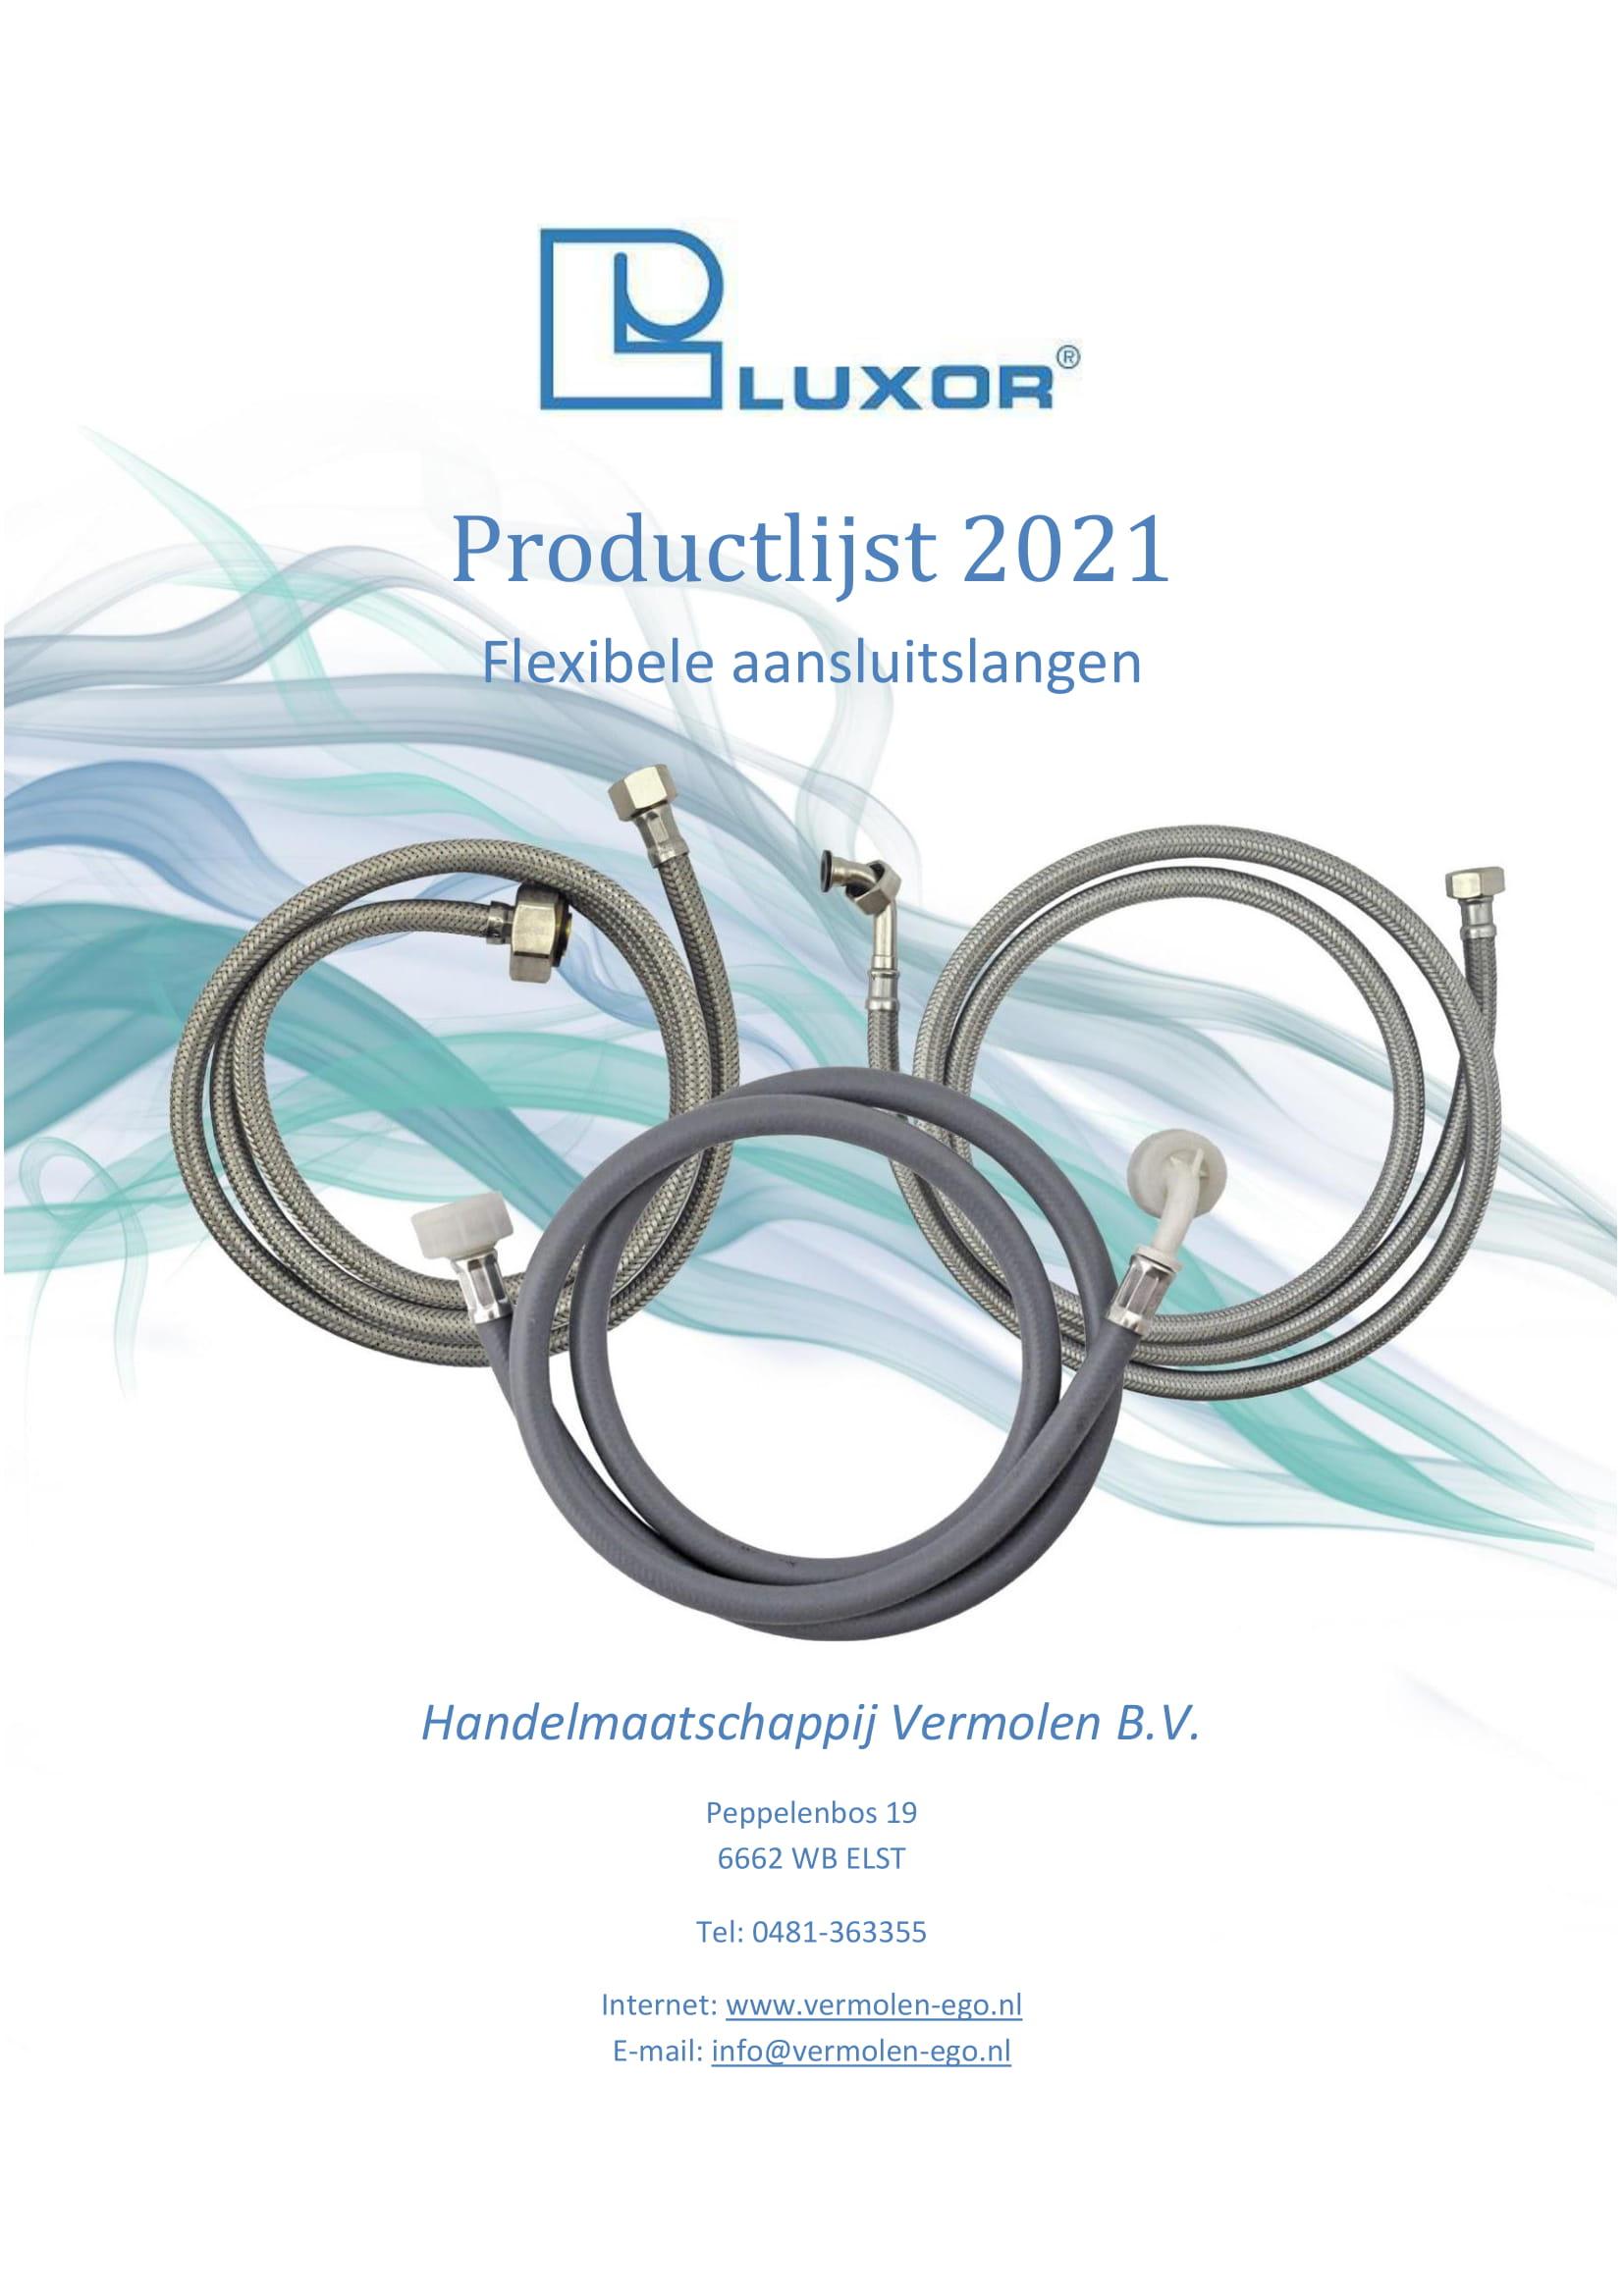 Luxor_productlijst_2021-1